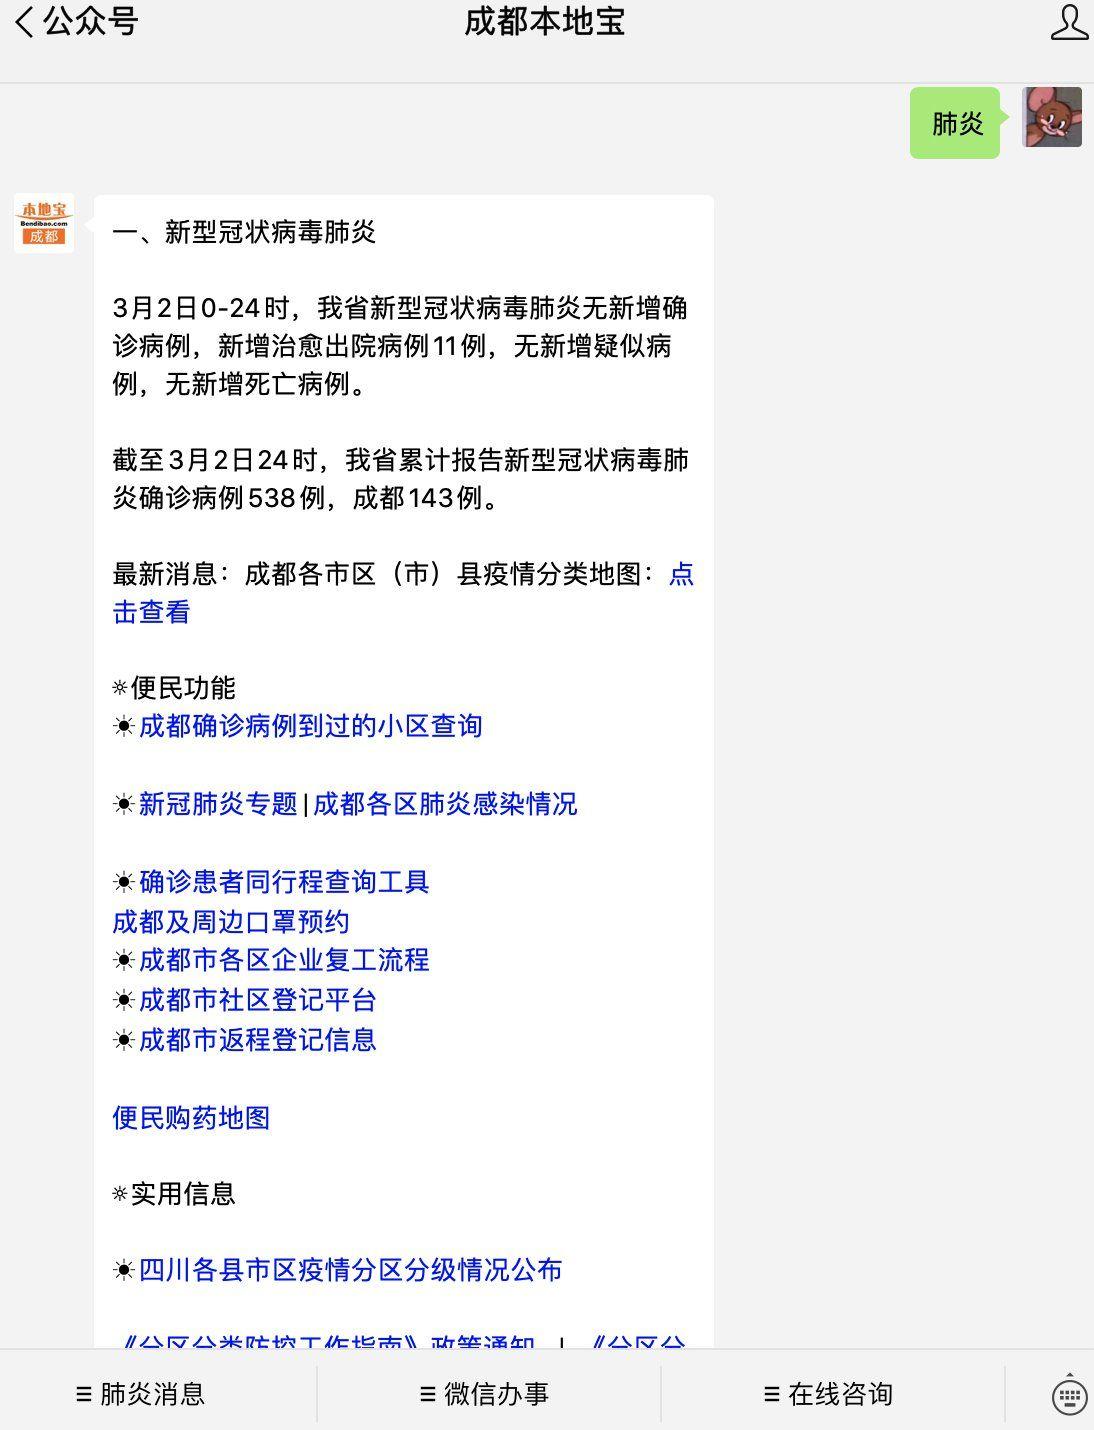 四川疫情分区分级差异化防控工作指南